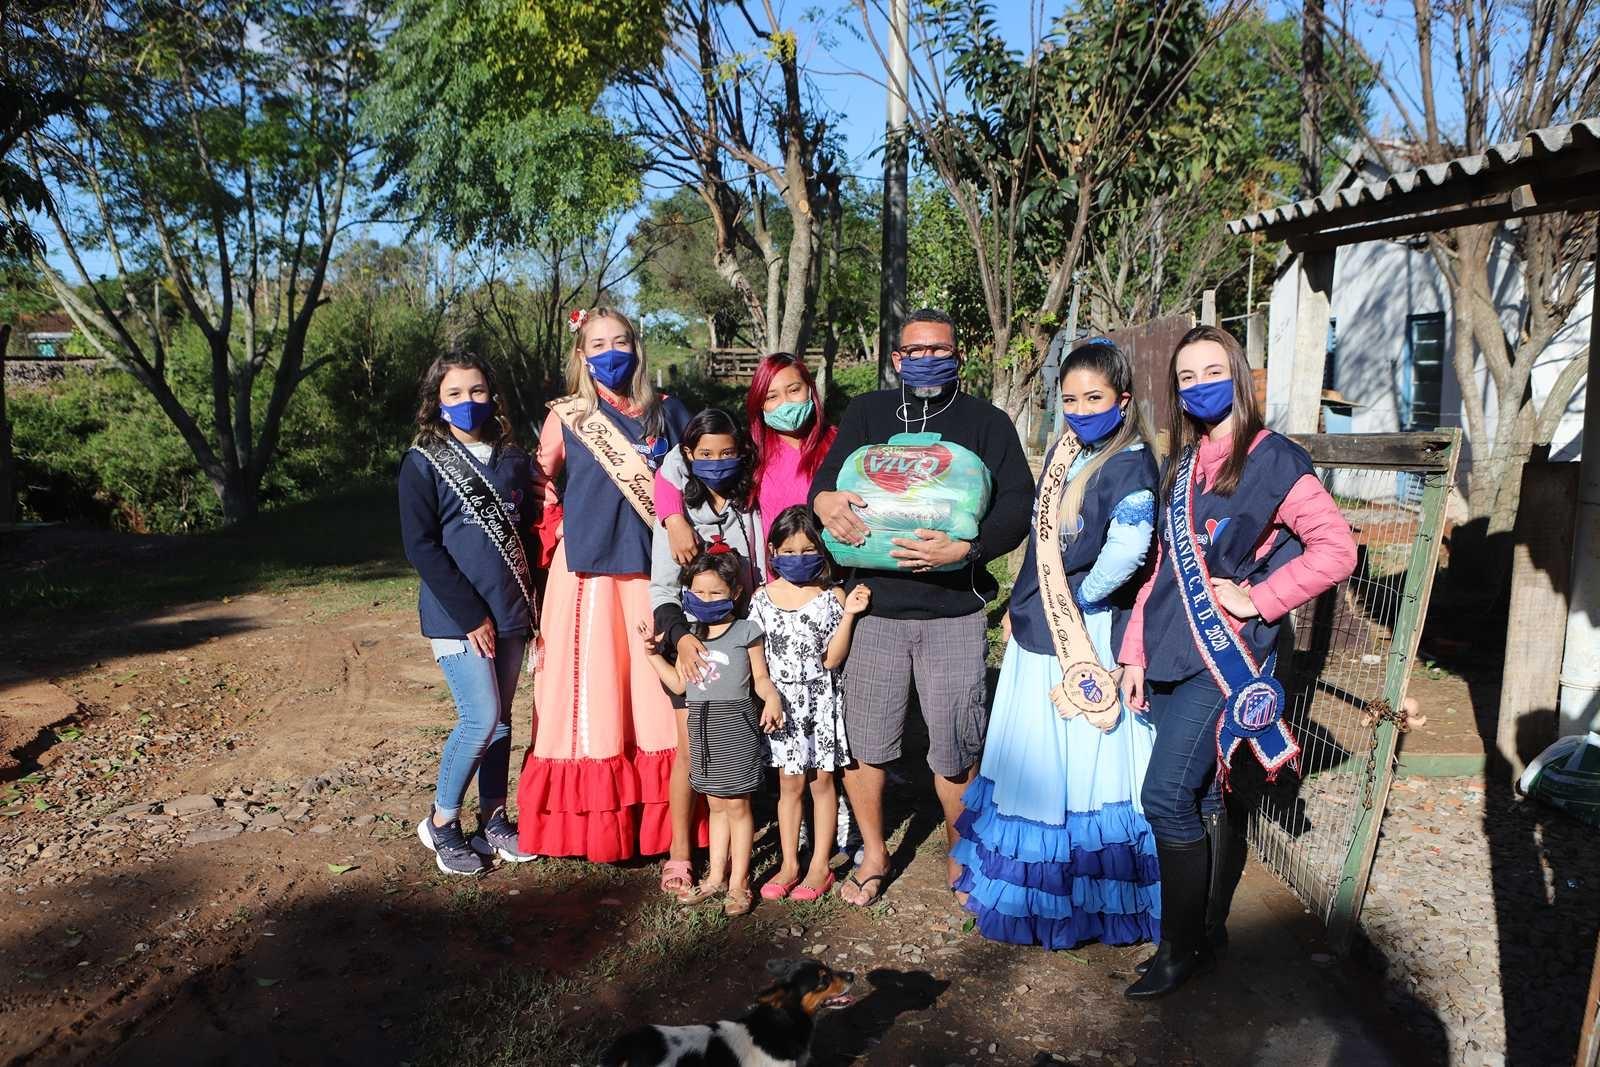 Dores em Ação Social - Comunidade da Vila Favarin e N. Sra. da Glória